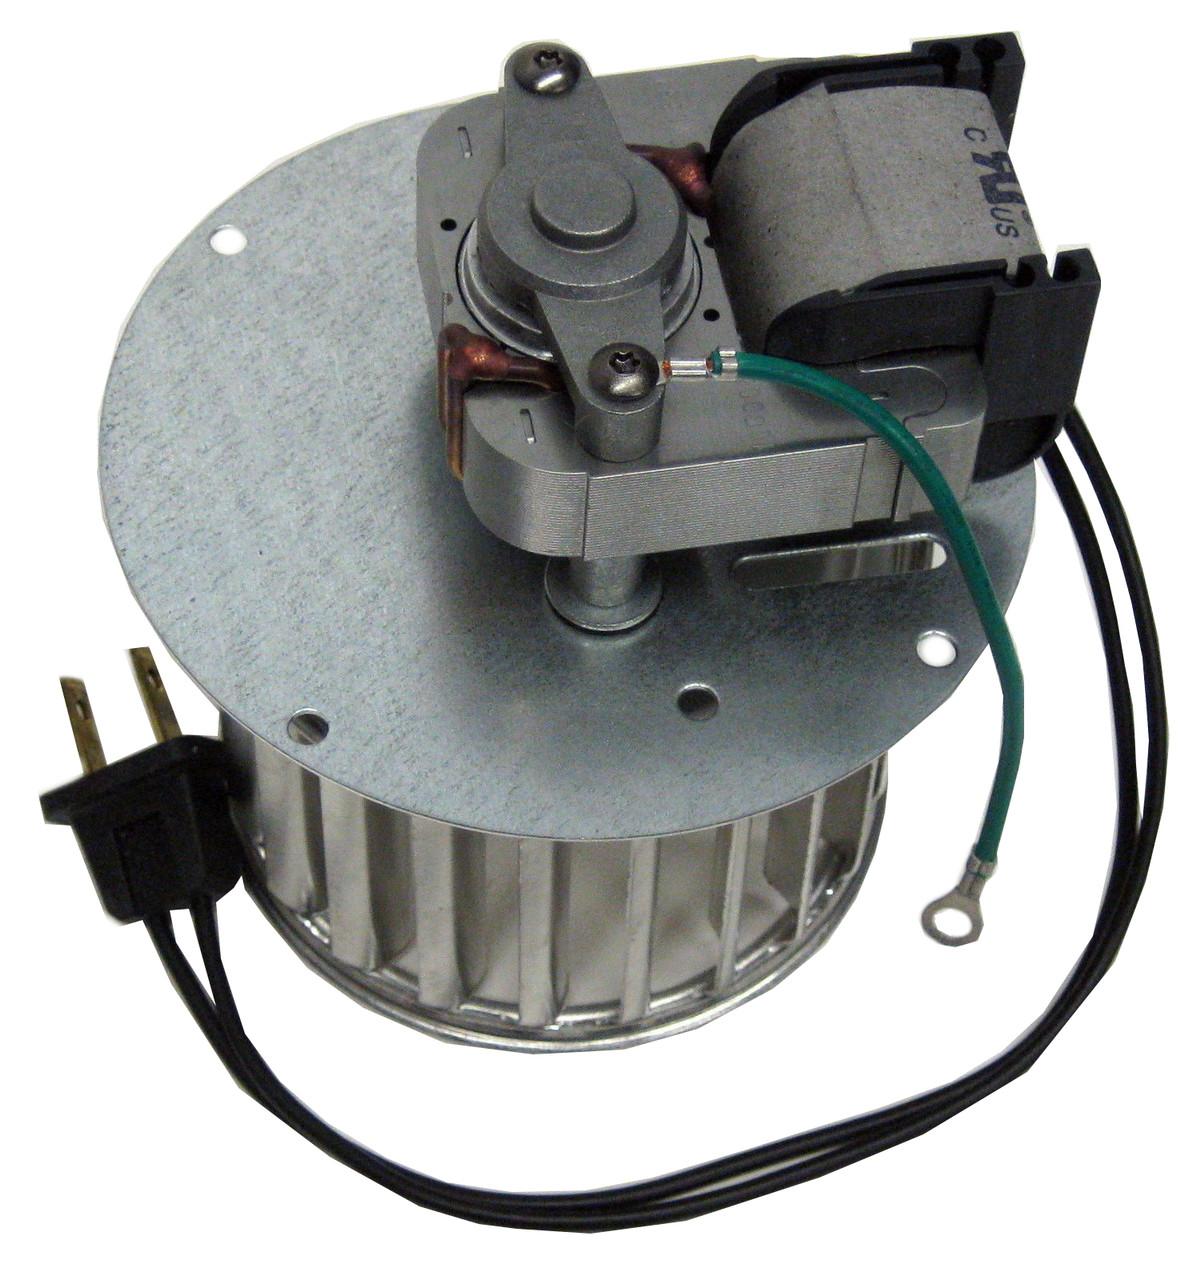 S69357000 Broan Nutone Bathroom Exhaust Blower Motor Vent Fan Wheel Marbeck